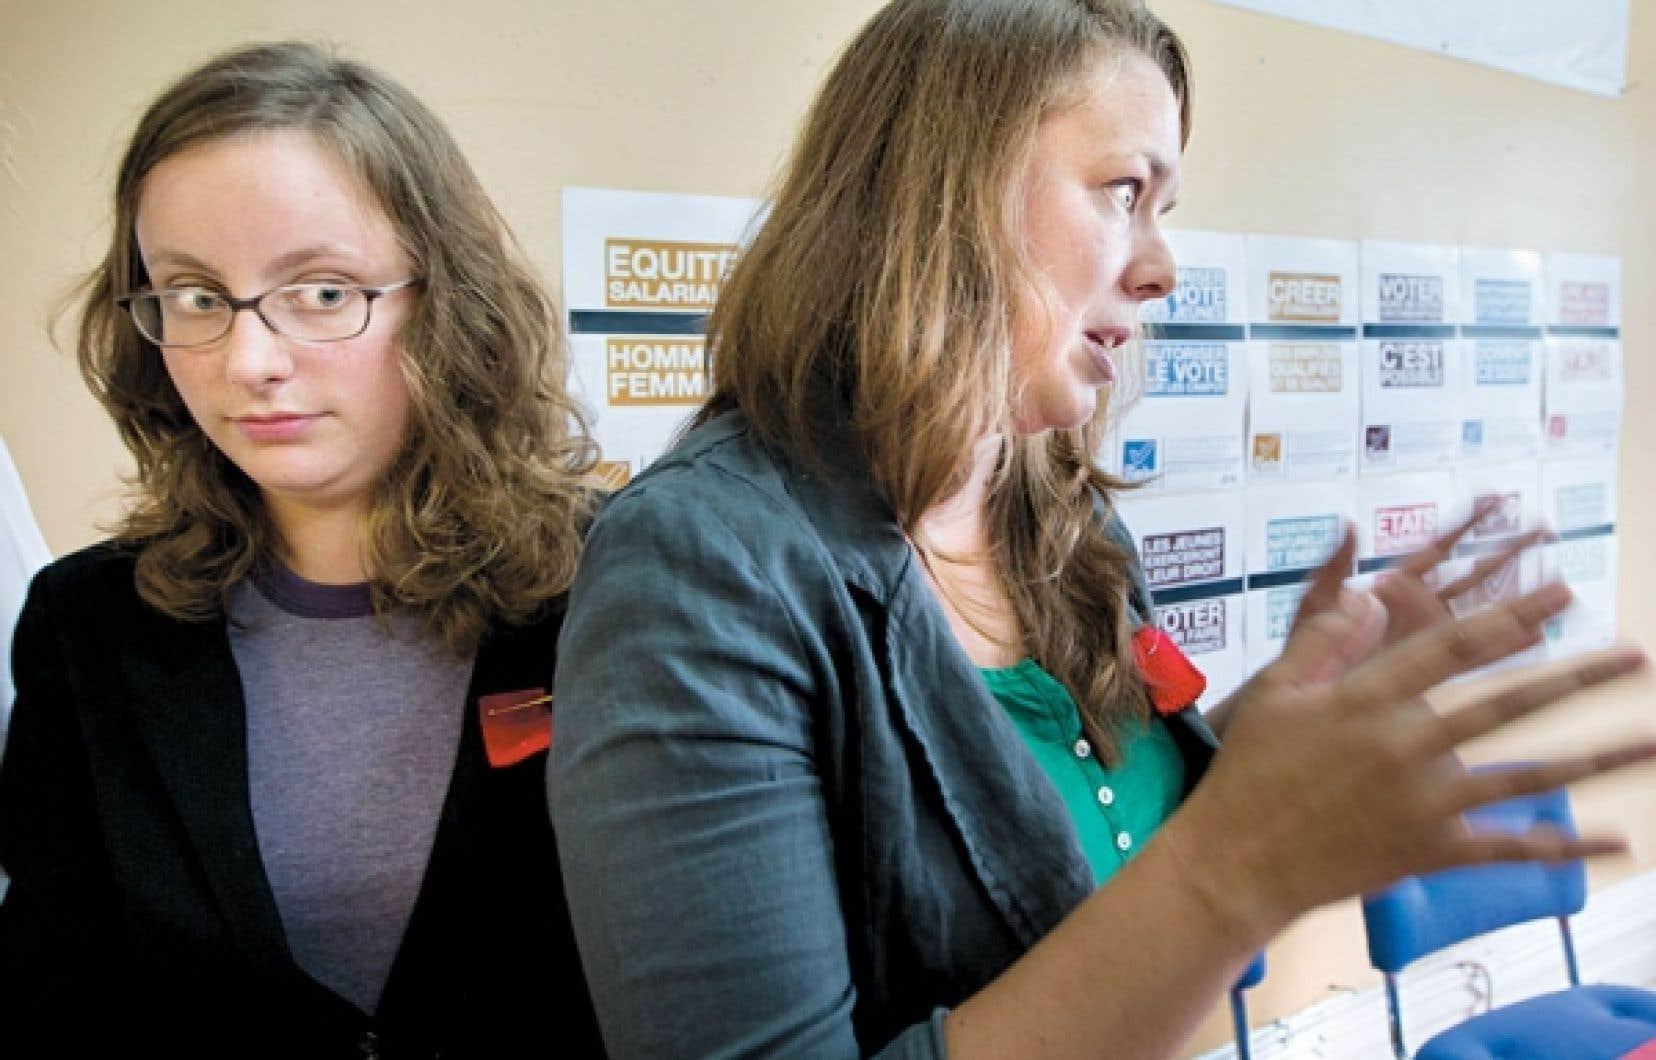 Éliane Laberge, de la FECQ, et Martine Desjardins, de la FEUQ, rencontraient les médias hier pour faire le point sur les activités étudiantes en vue des élections.